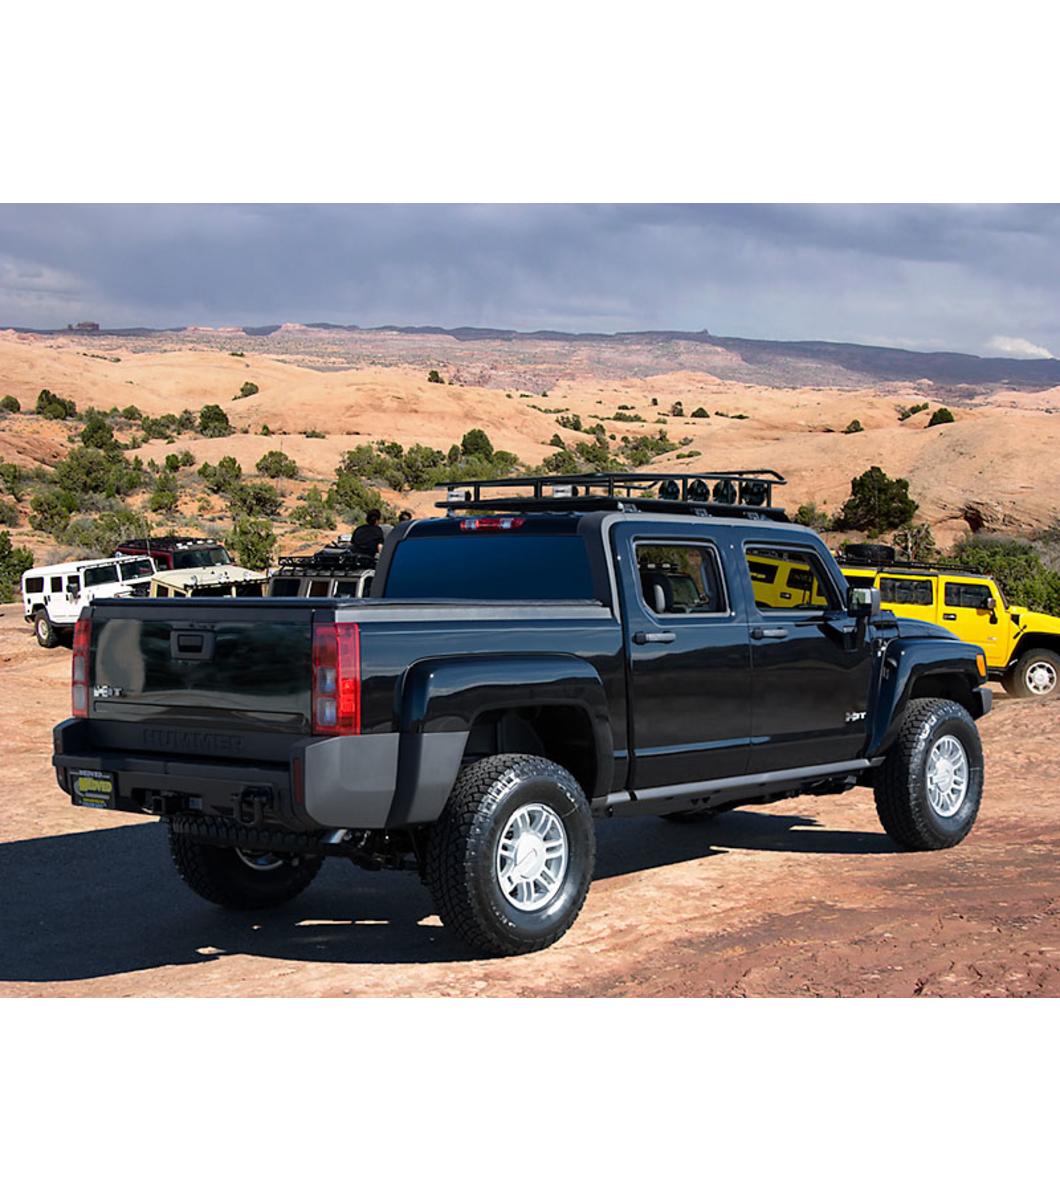 Hummer H3tranger Rack 183 Multi Light Setup 183 With Sunroof